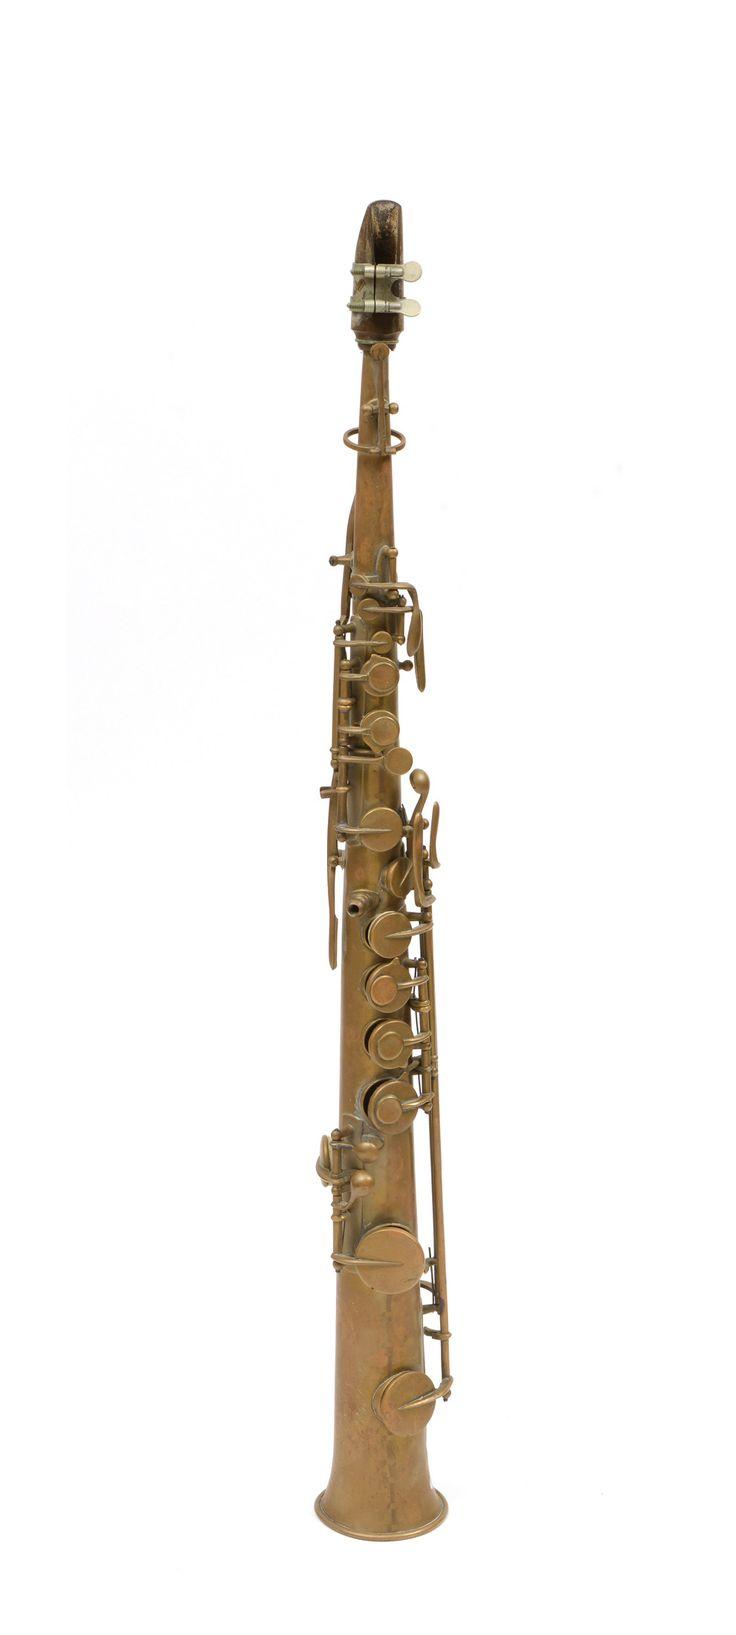 Saxophone Soprano Adolph SAX Daté de 1867 et numéroté 38987. 18 enchères en cours sur www.apollium.fr #Art #Auction #Saxophone #Musicalinstrument